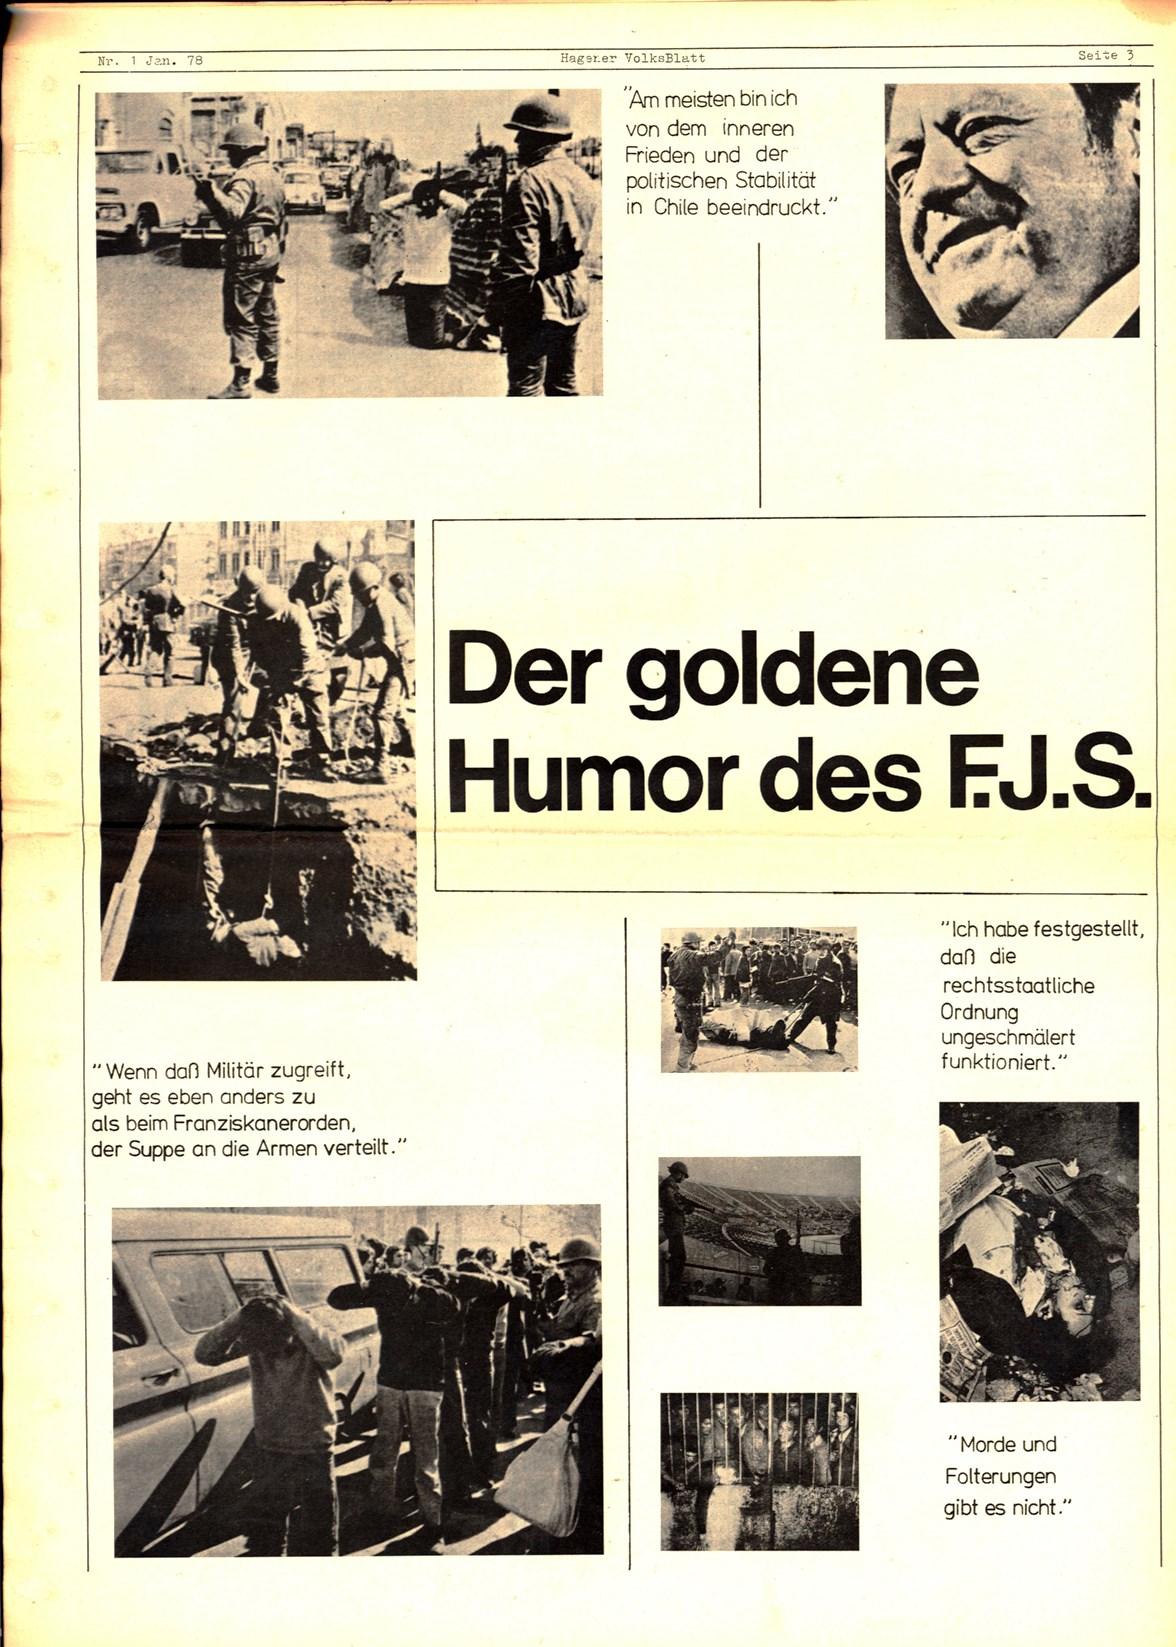 Hagen_Volksblatt_19780100_03